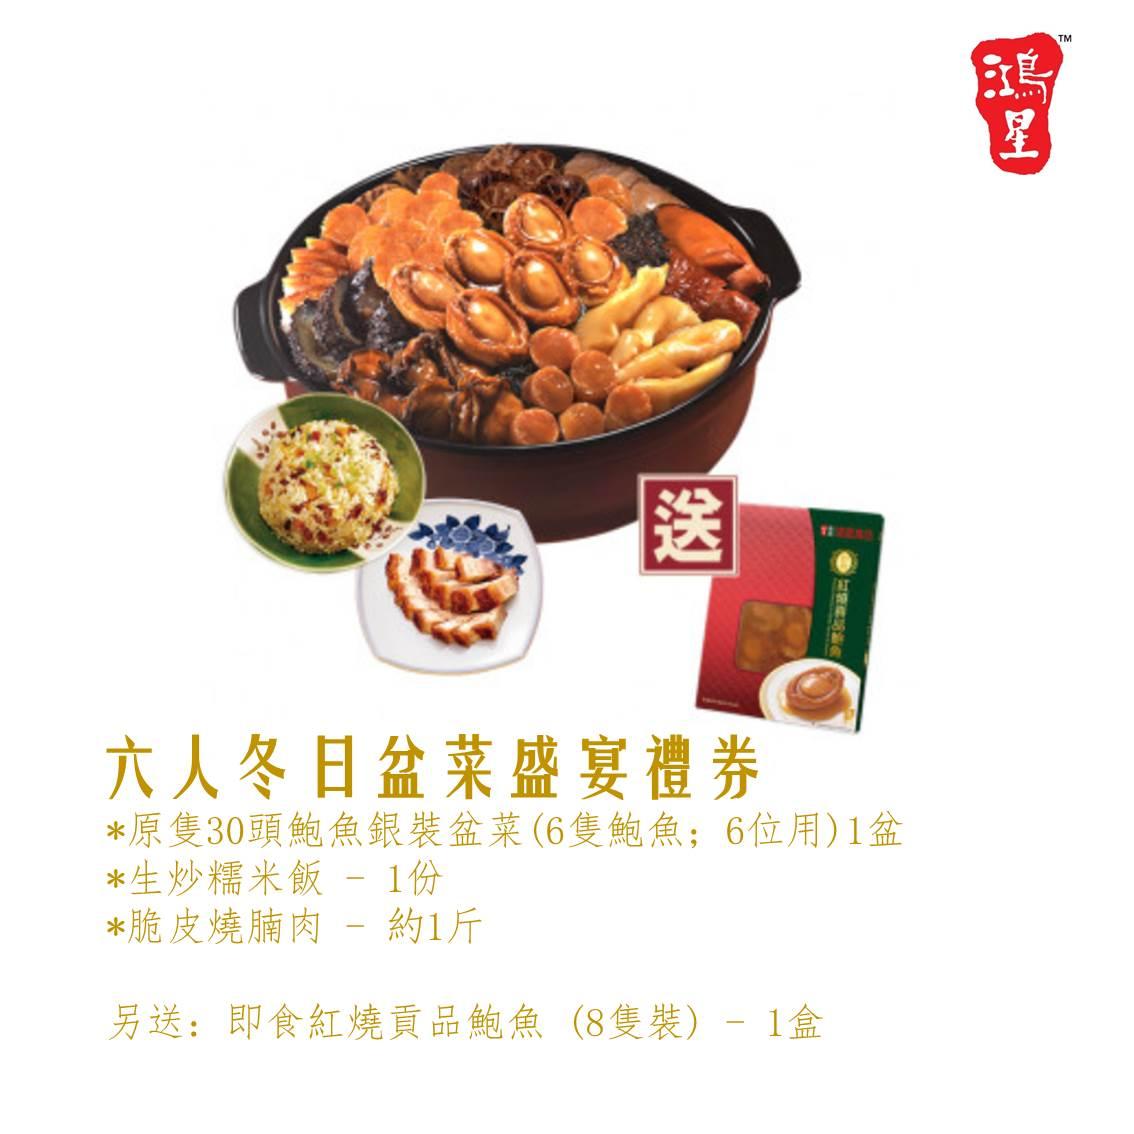 鴻星六人冬日盆菜盛宴(禮券)